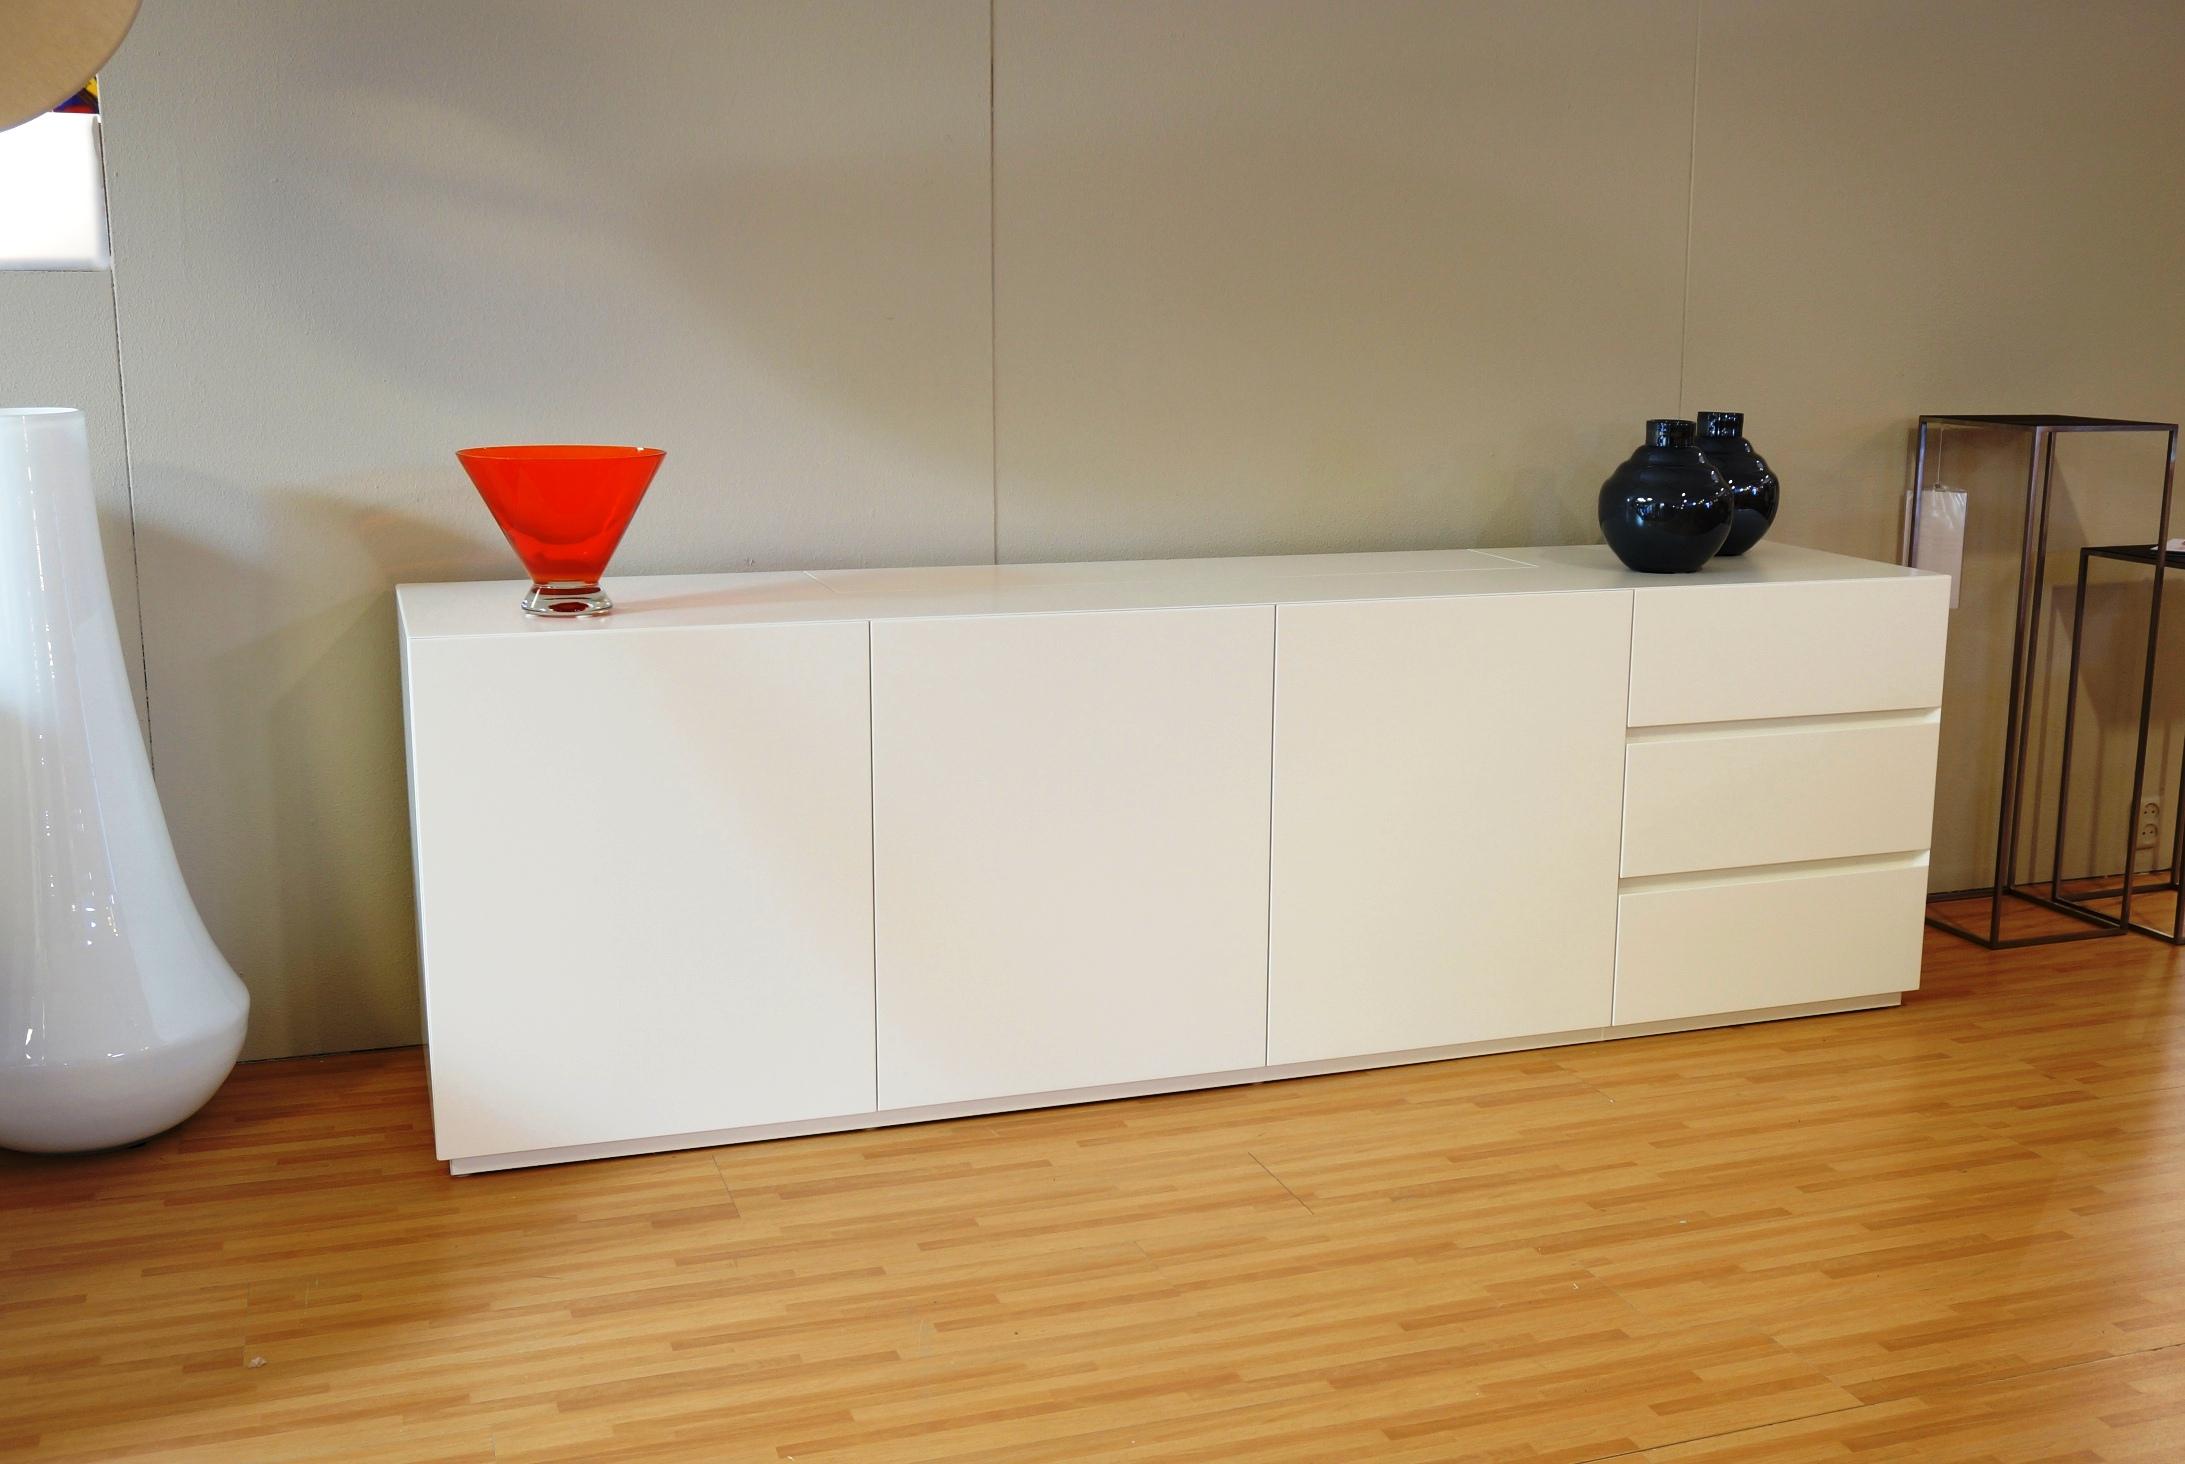 Woonkamer dressoir ontwerp ~ anortiz.com for .